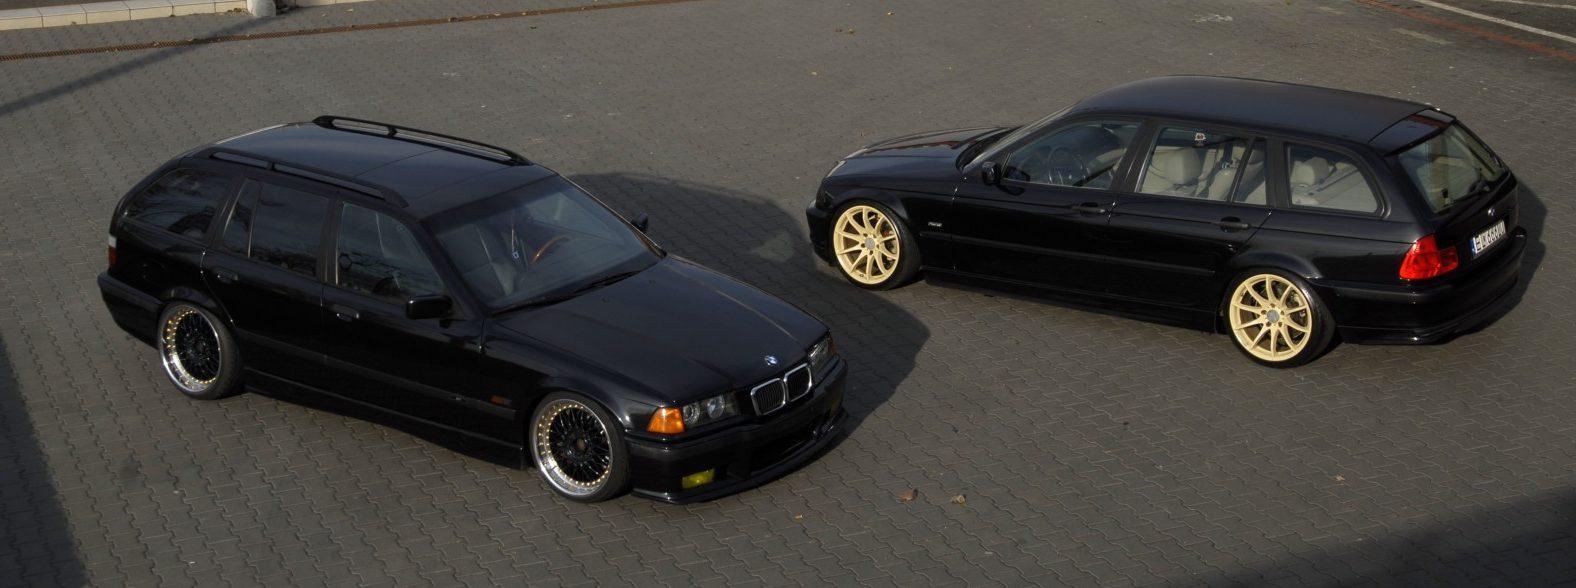 BMW E36 328i Touring i BMW E46 320D Touring